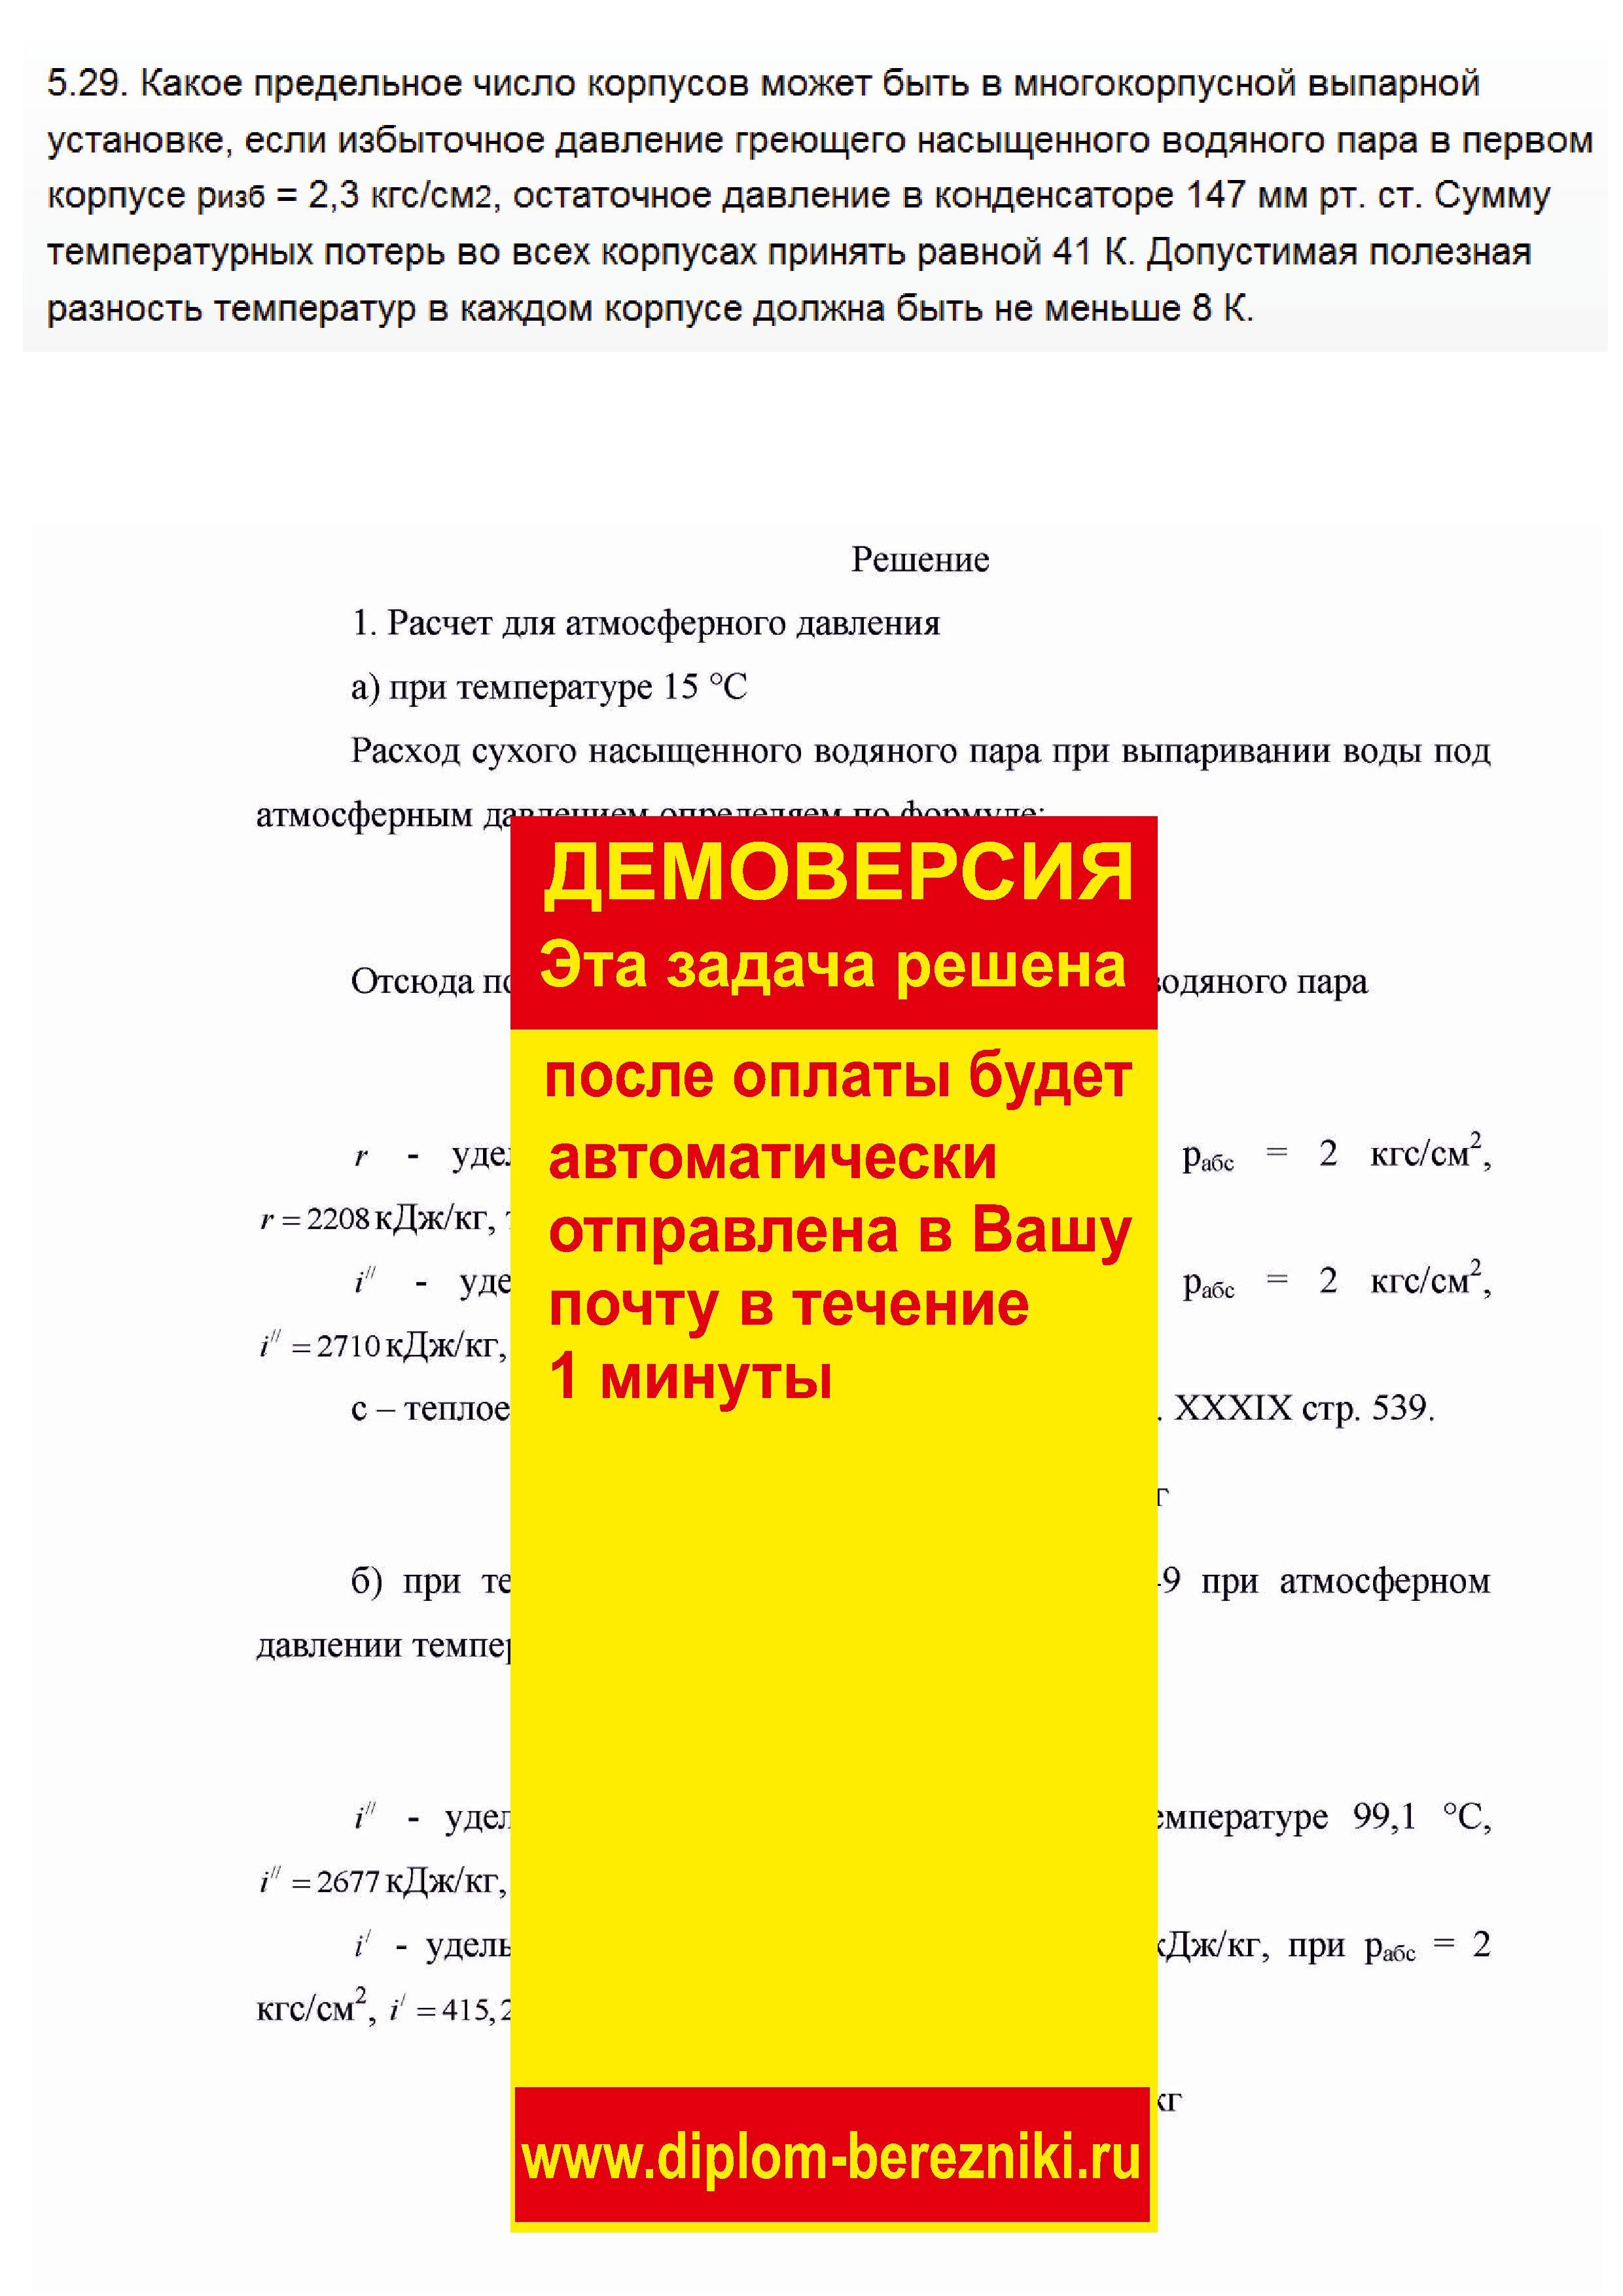 Решение задачи 5.29 по ПАХТ из задачника Павлова Романкова Носкова